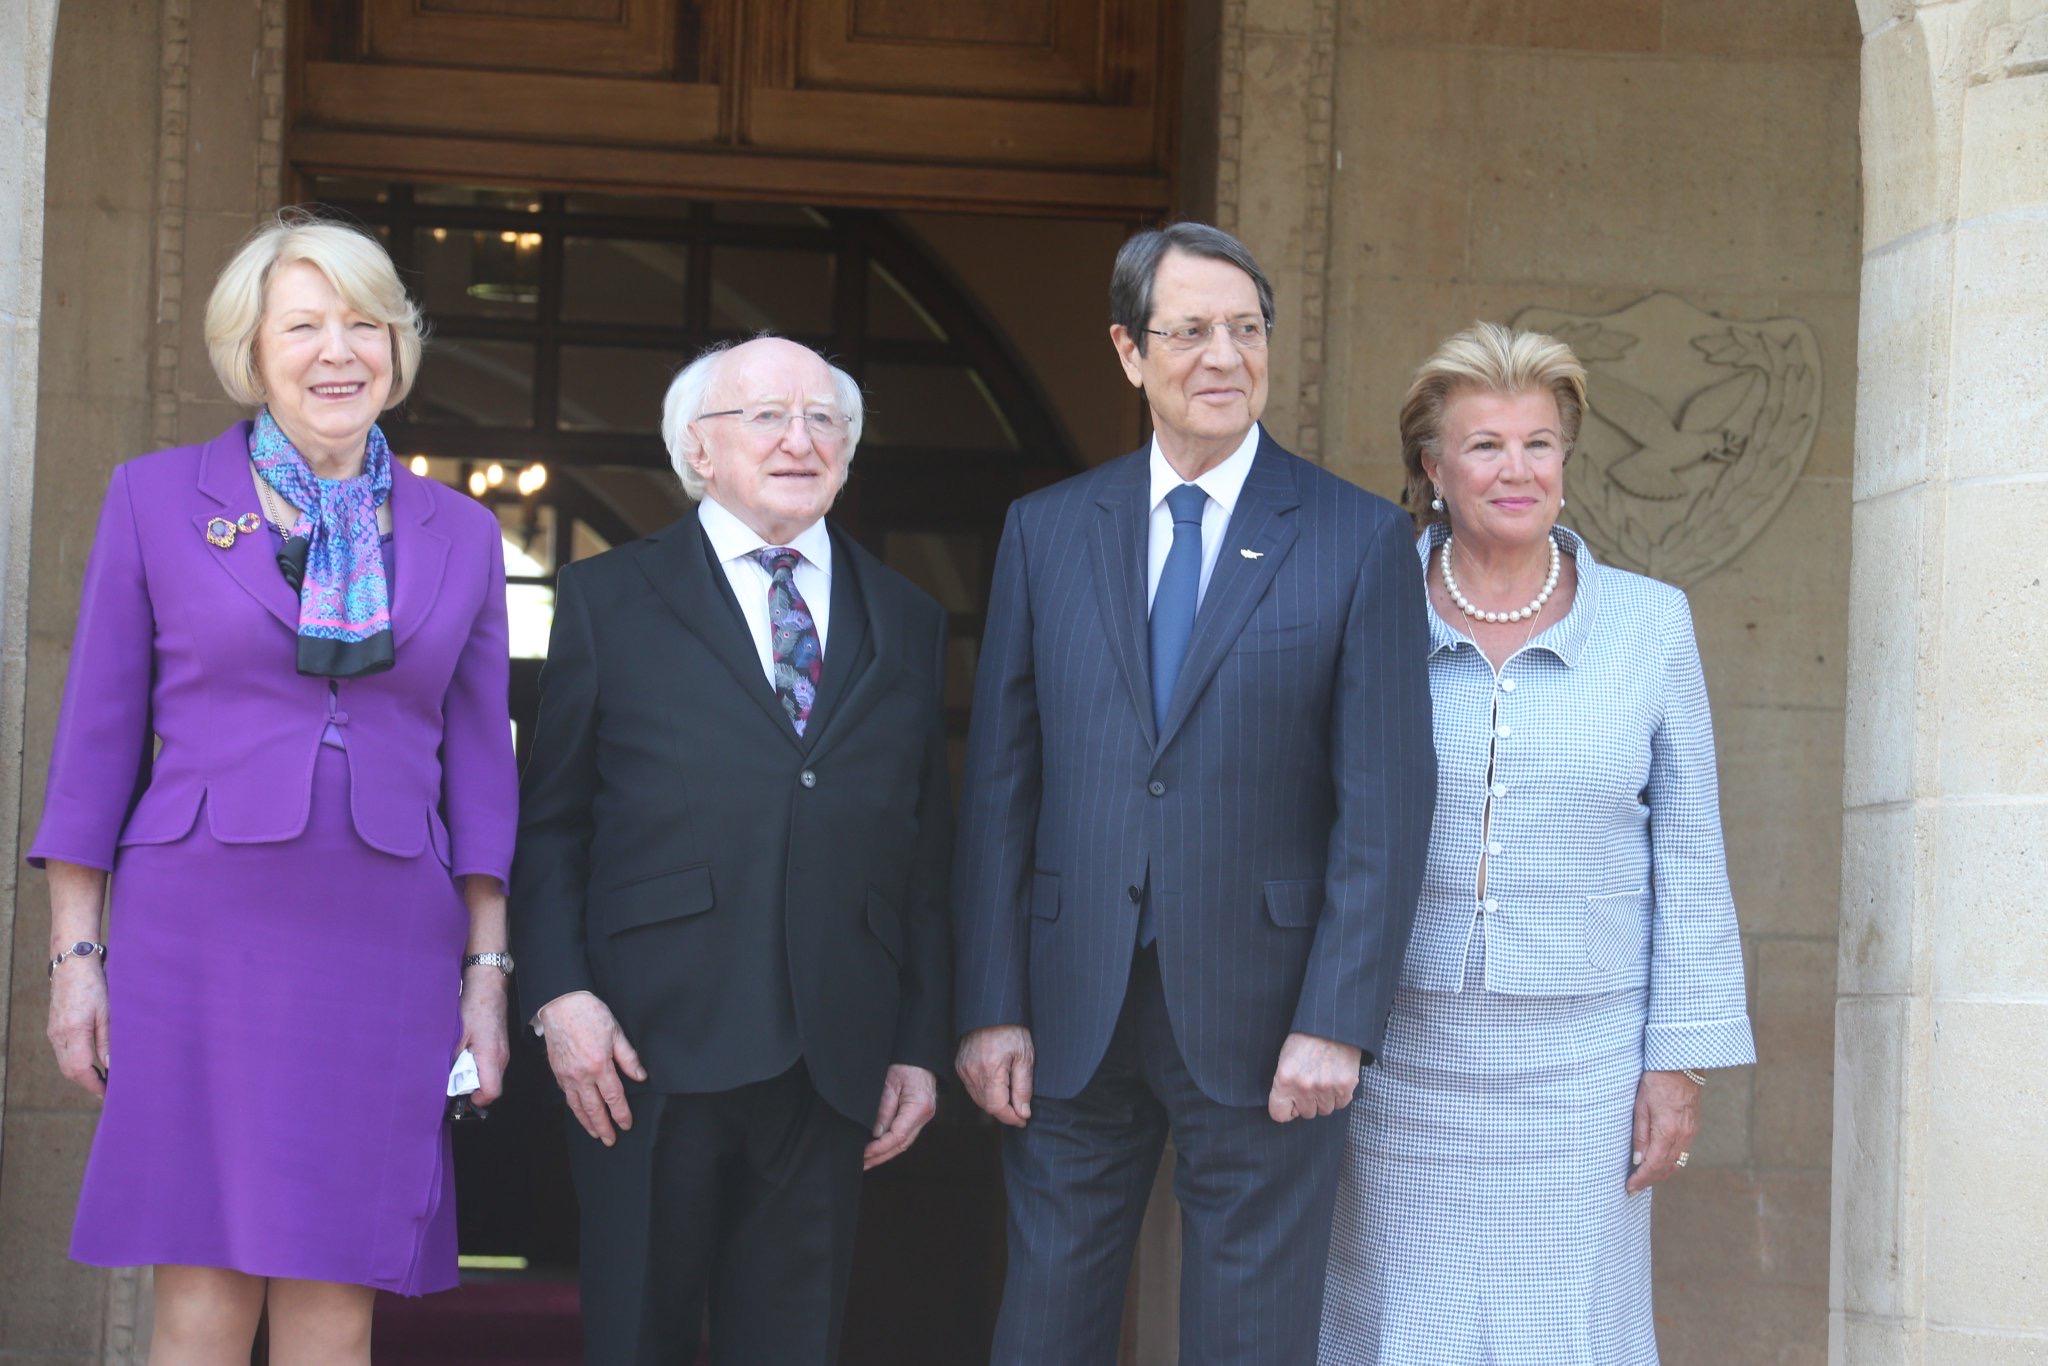 Συνάντηση Νίκου Αναστασιάδη με τον Ιρλανδό Πρόεδρο Michael Higgins